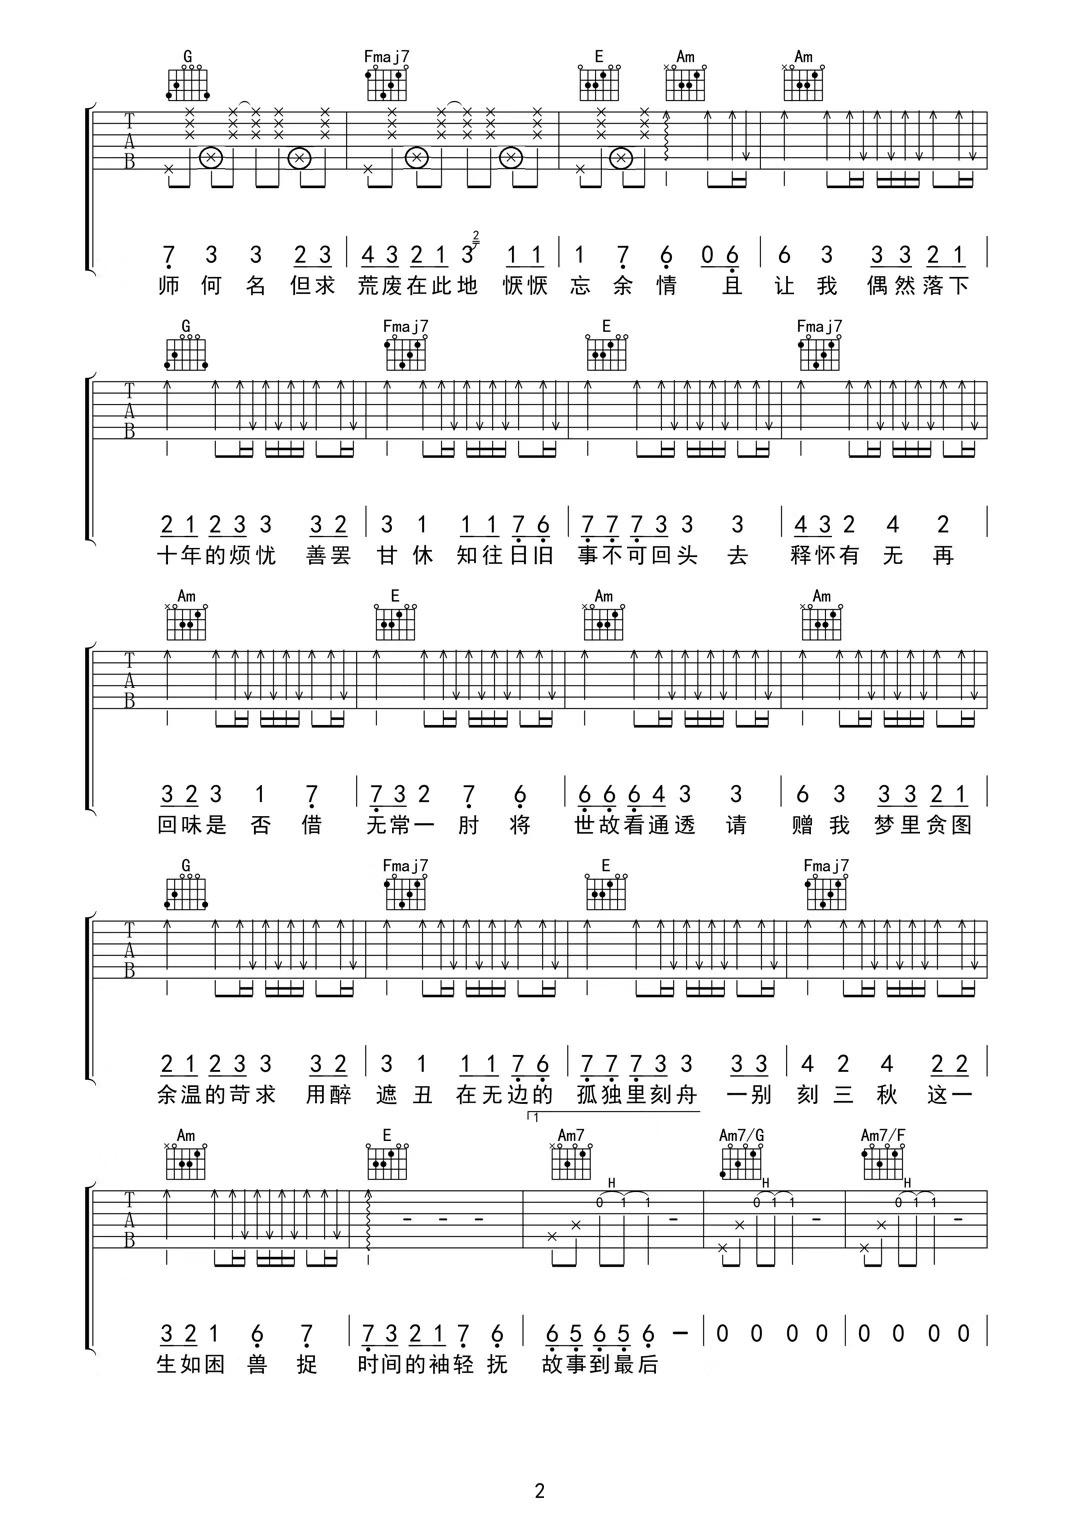 花粥/王胜男《浮白》吉他谱 C调吉他弹唱高清六线谱2